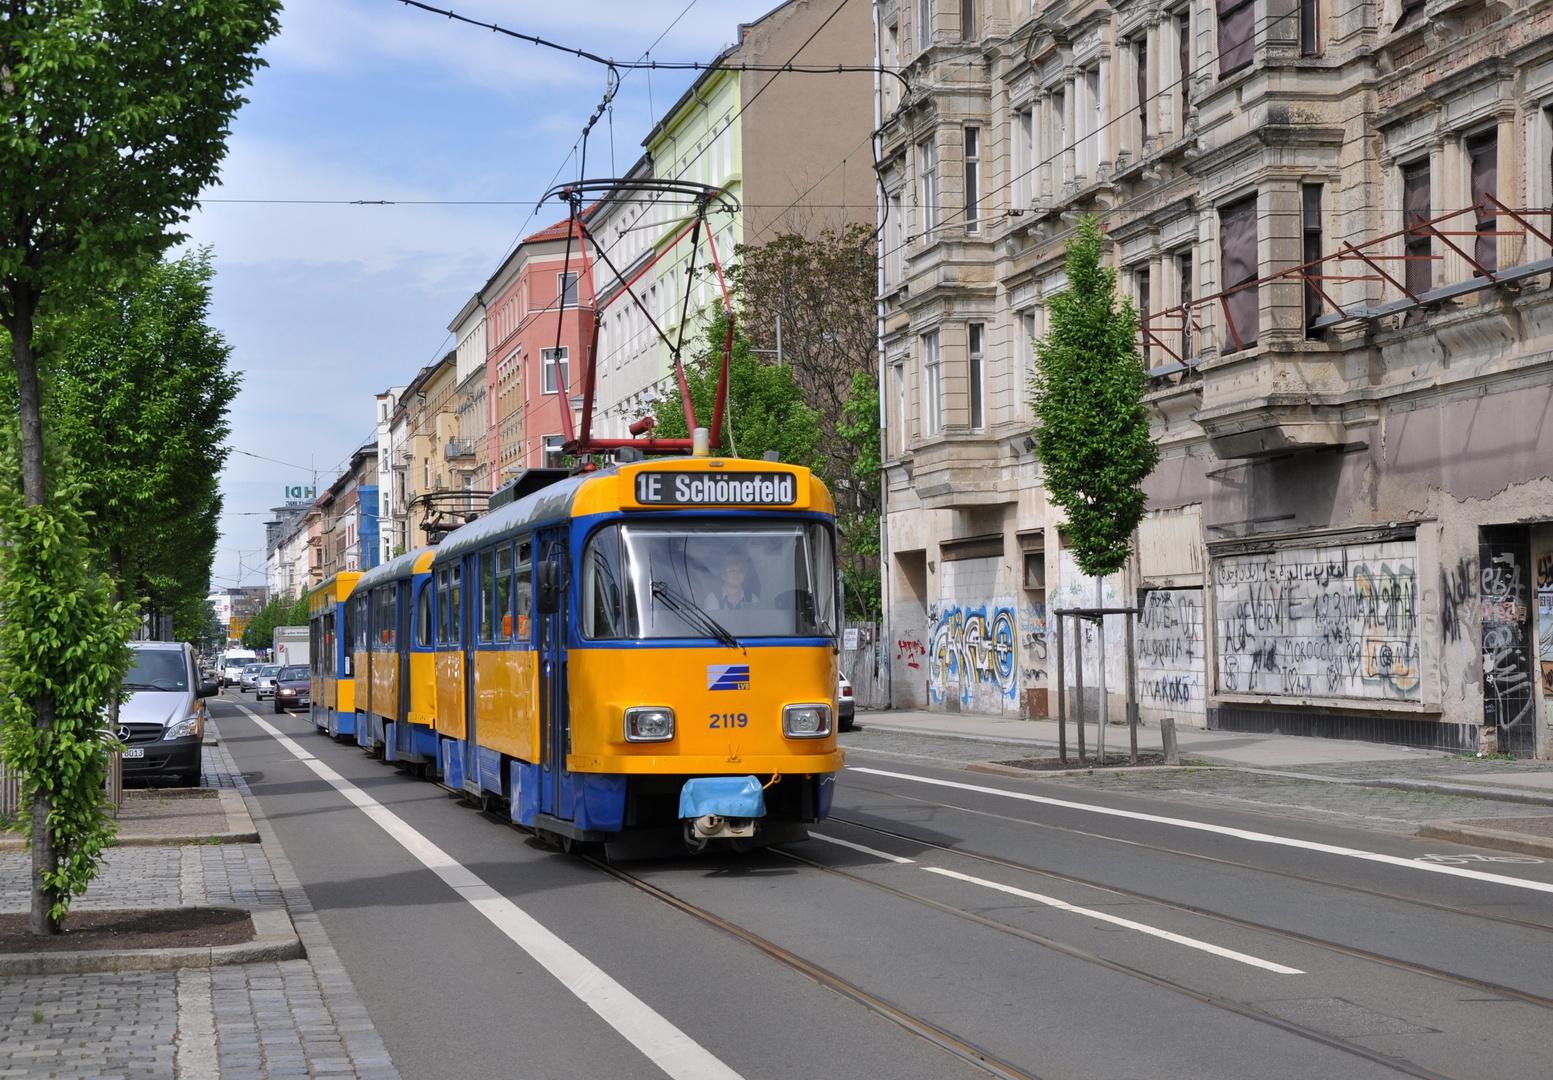 1E nach Schönefeld